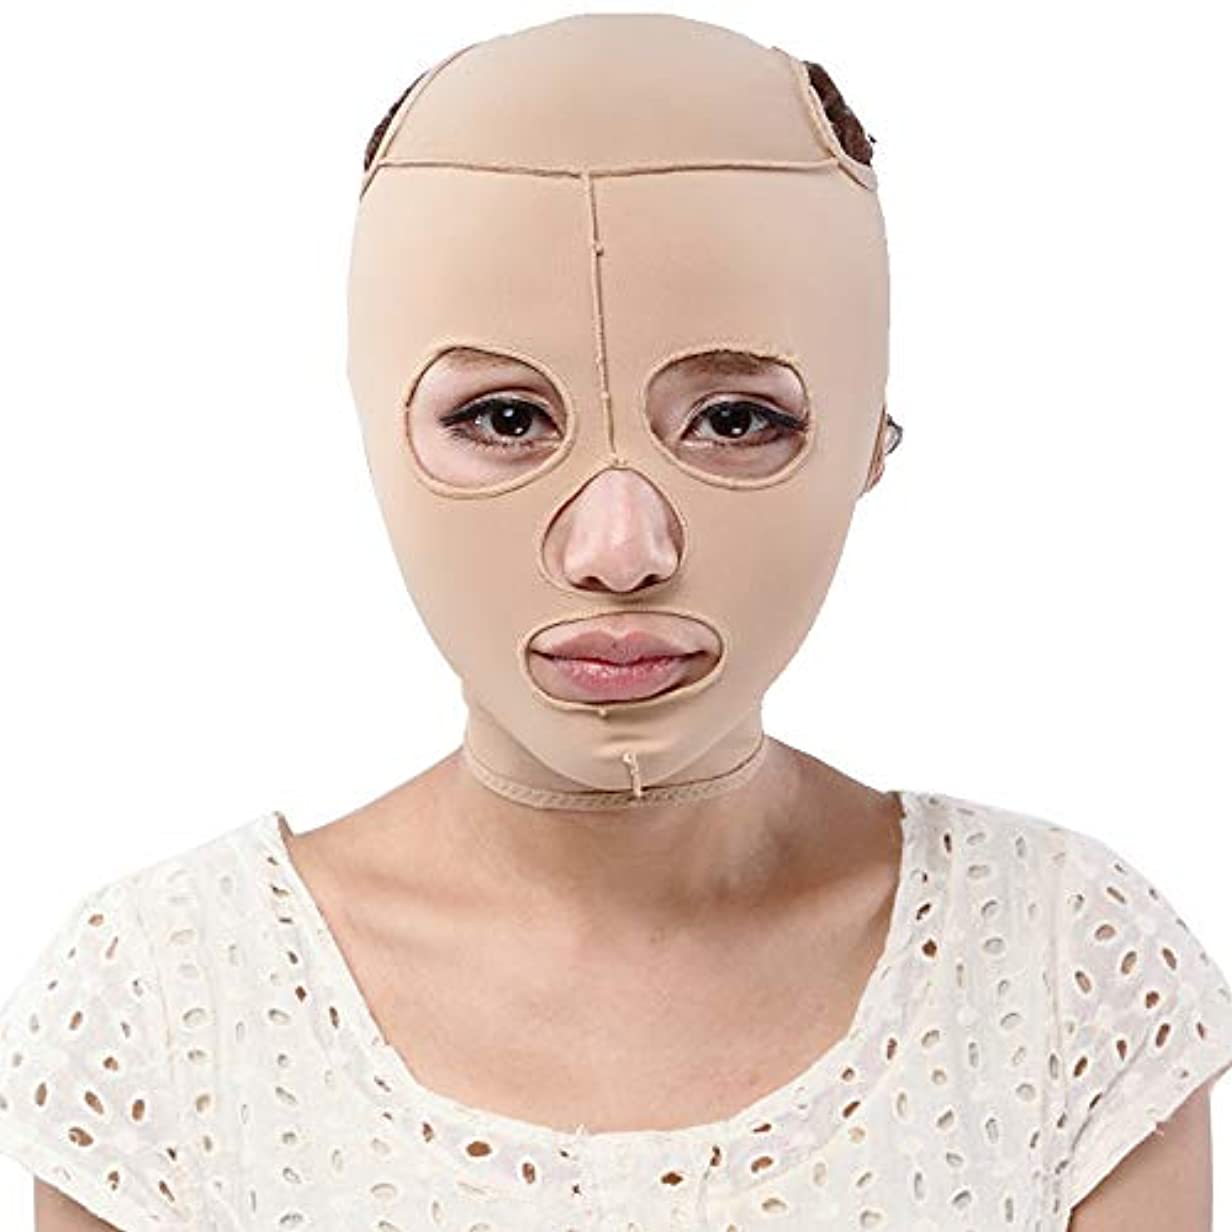 本質的ではないタイヤホイットニー睡眠薄い顔の包帯、ダブル顎の顔を持ち上げる小物V顔マスクタイプリフティングフェイシャル,S